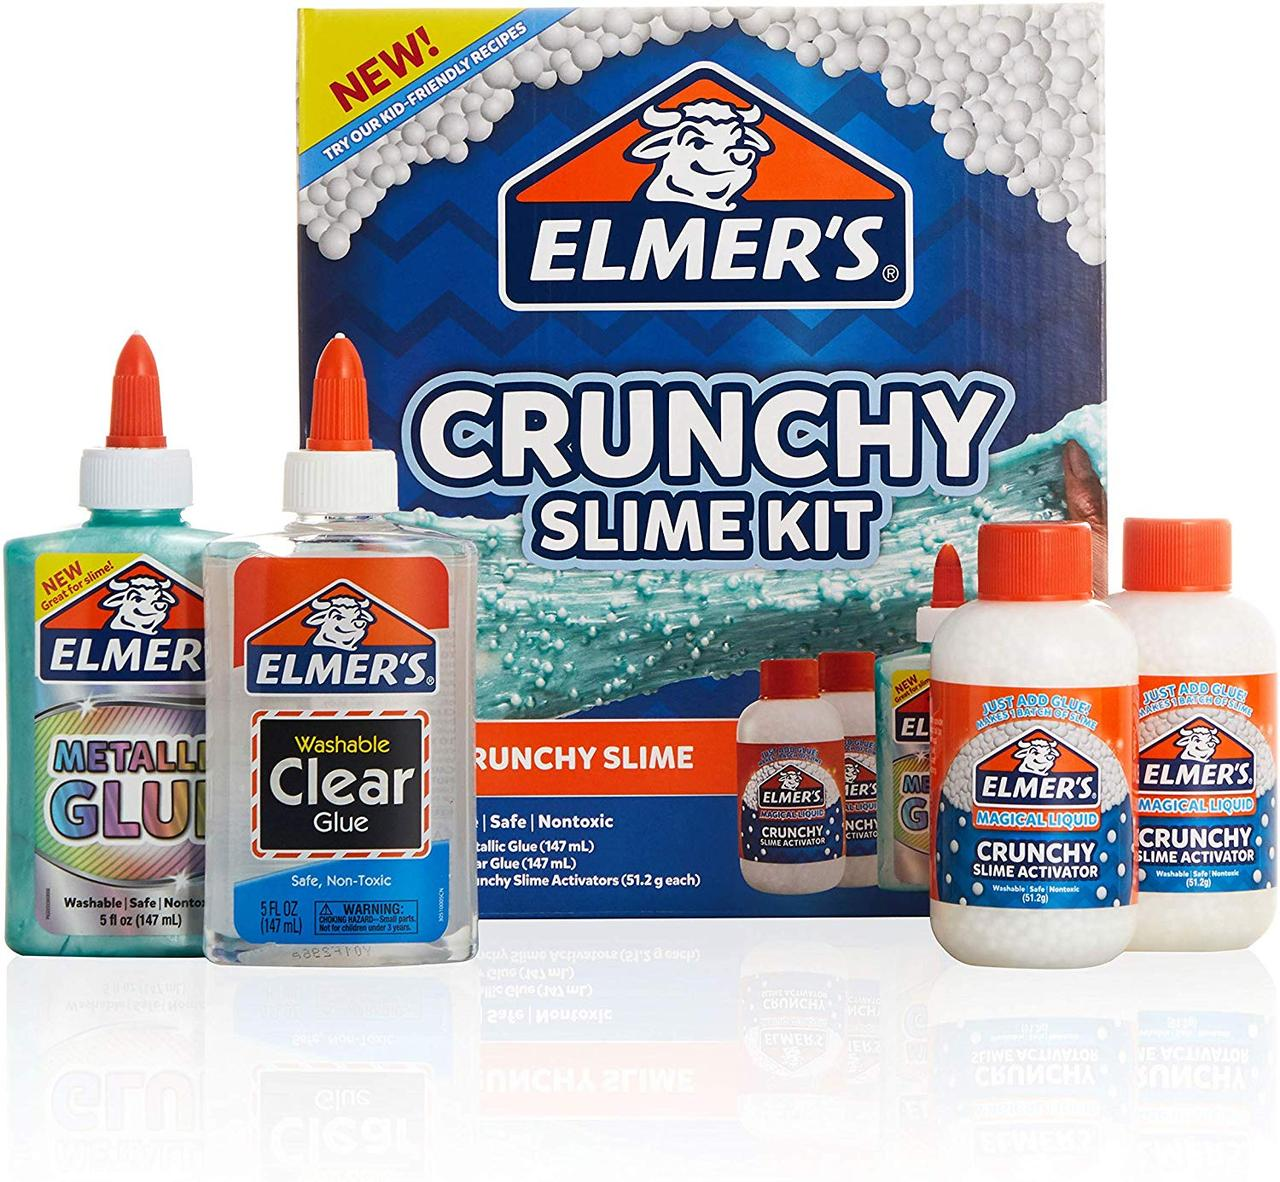 Elmers Клей Элмерс для изготовления хрустящего Кранчи слайма США Elmer's Slime